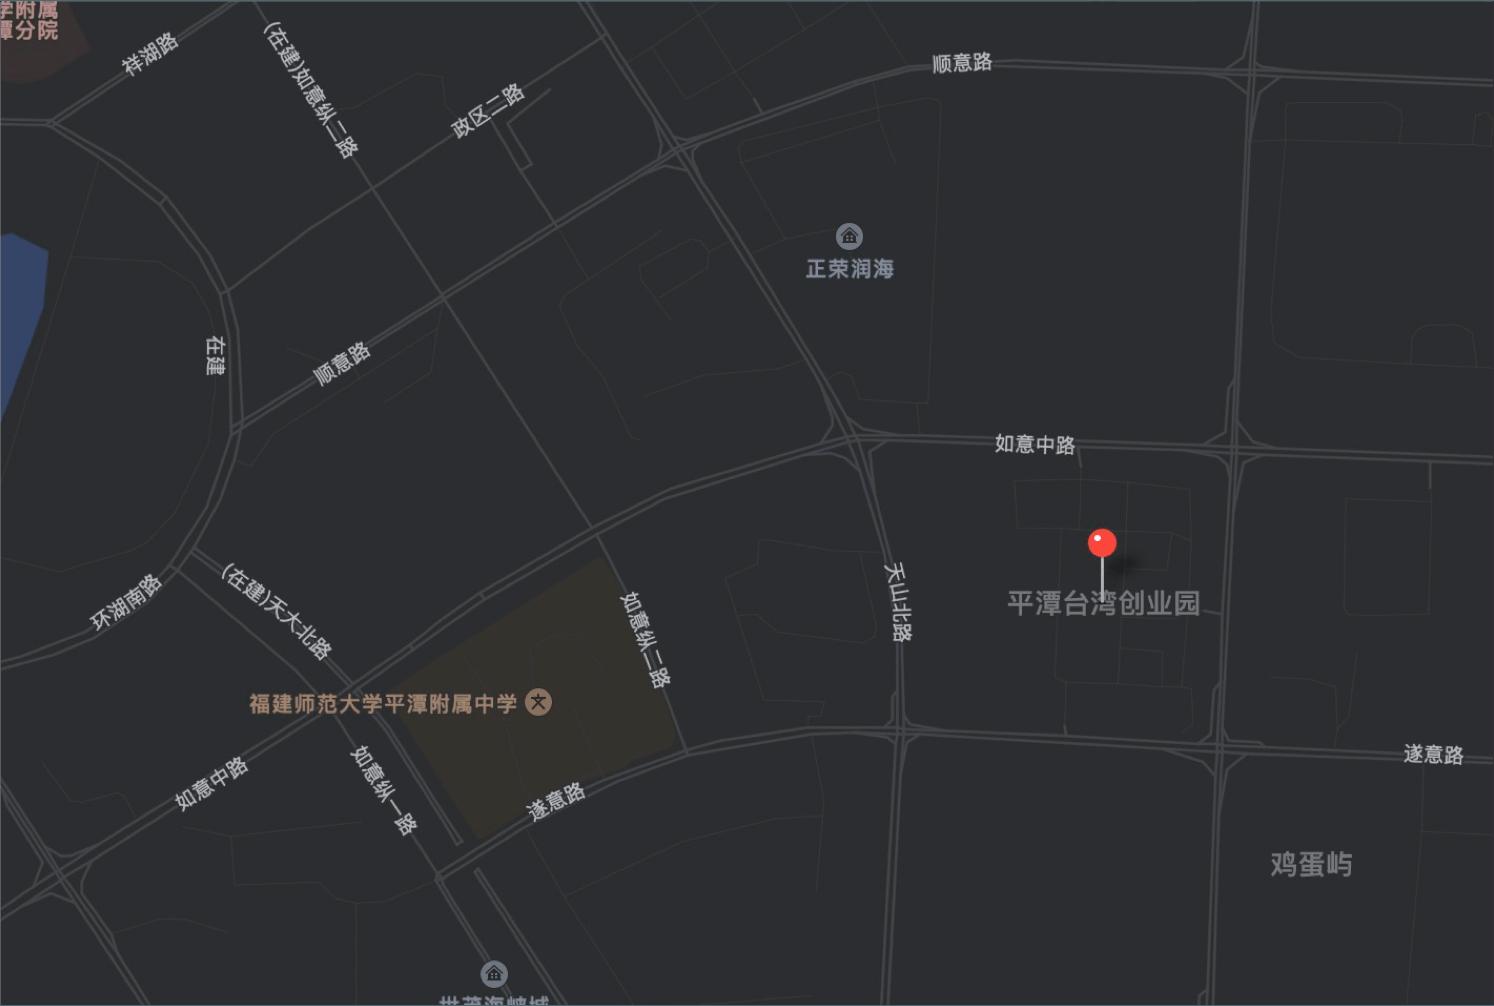 华广生物技术(平潭)有限公司